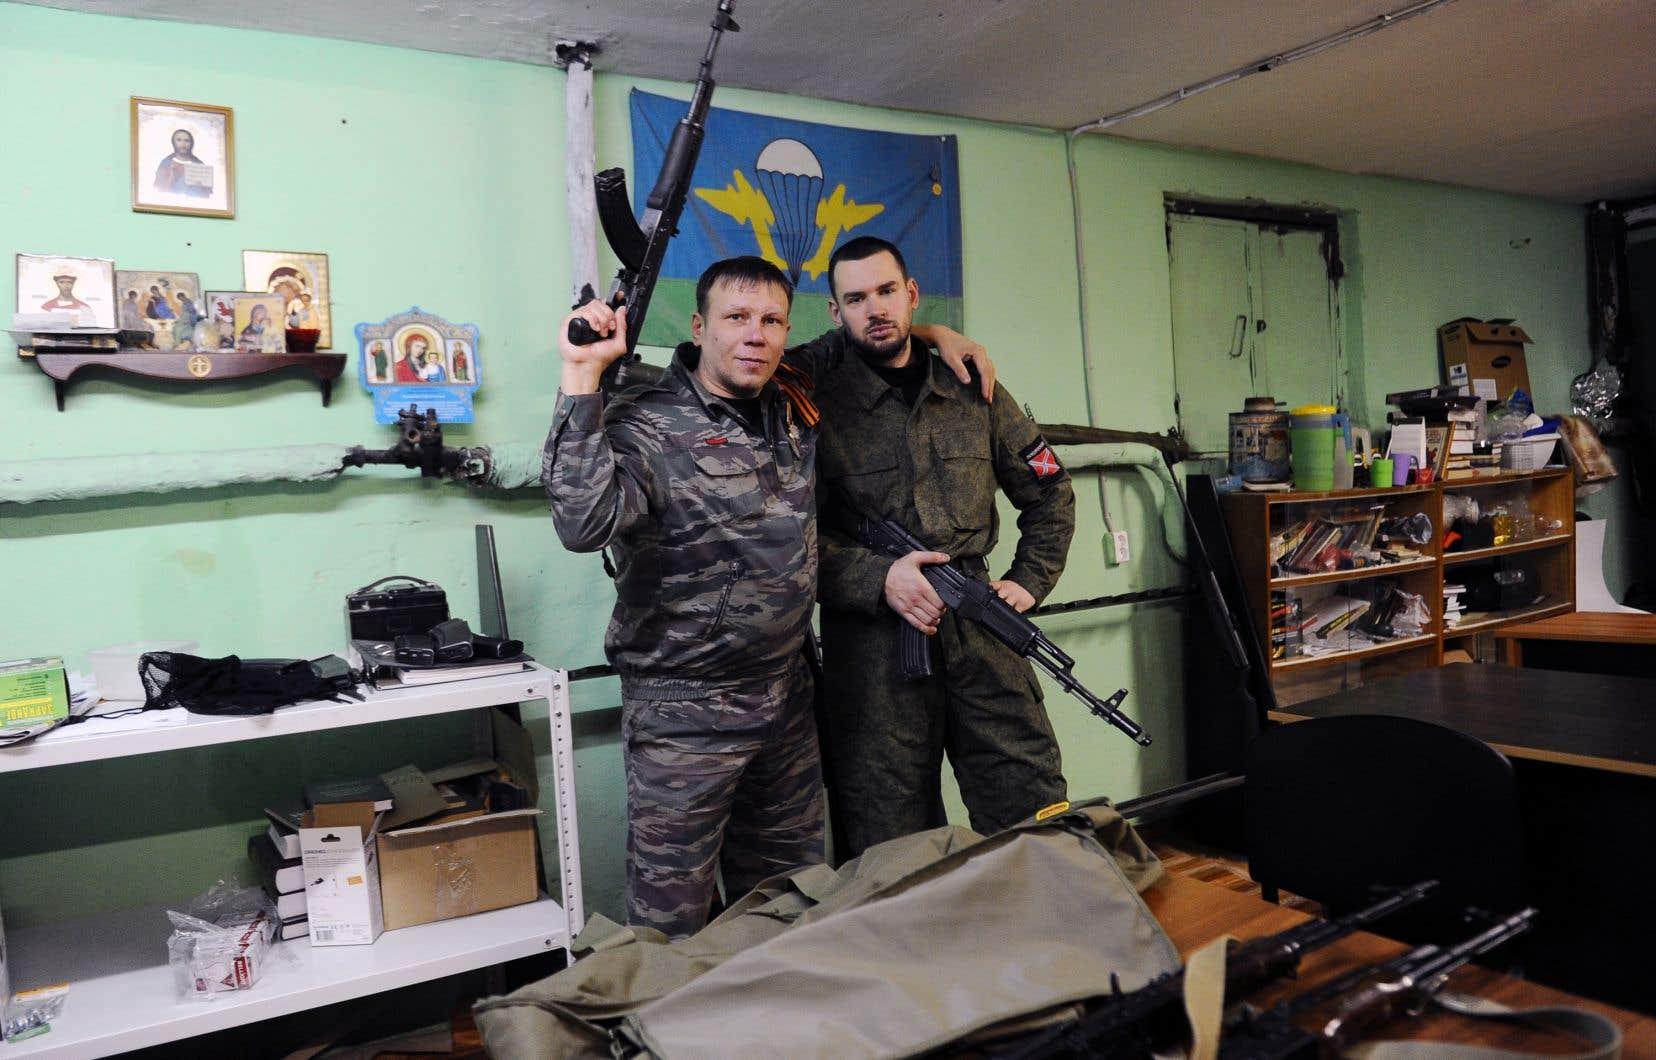 La mesure vise un groupe nommé Mouvement impérial russe. Sur cette photo prise en 2015, deux membres de ce groupe posent avec des armes d'assaut en Russie.